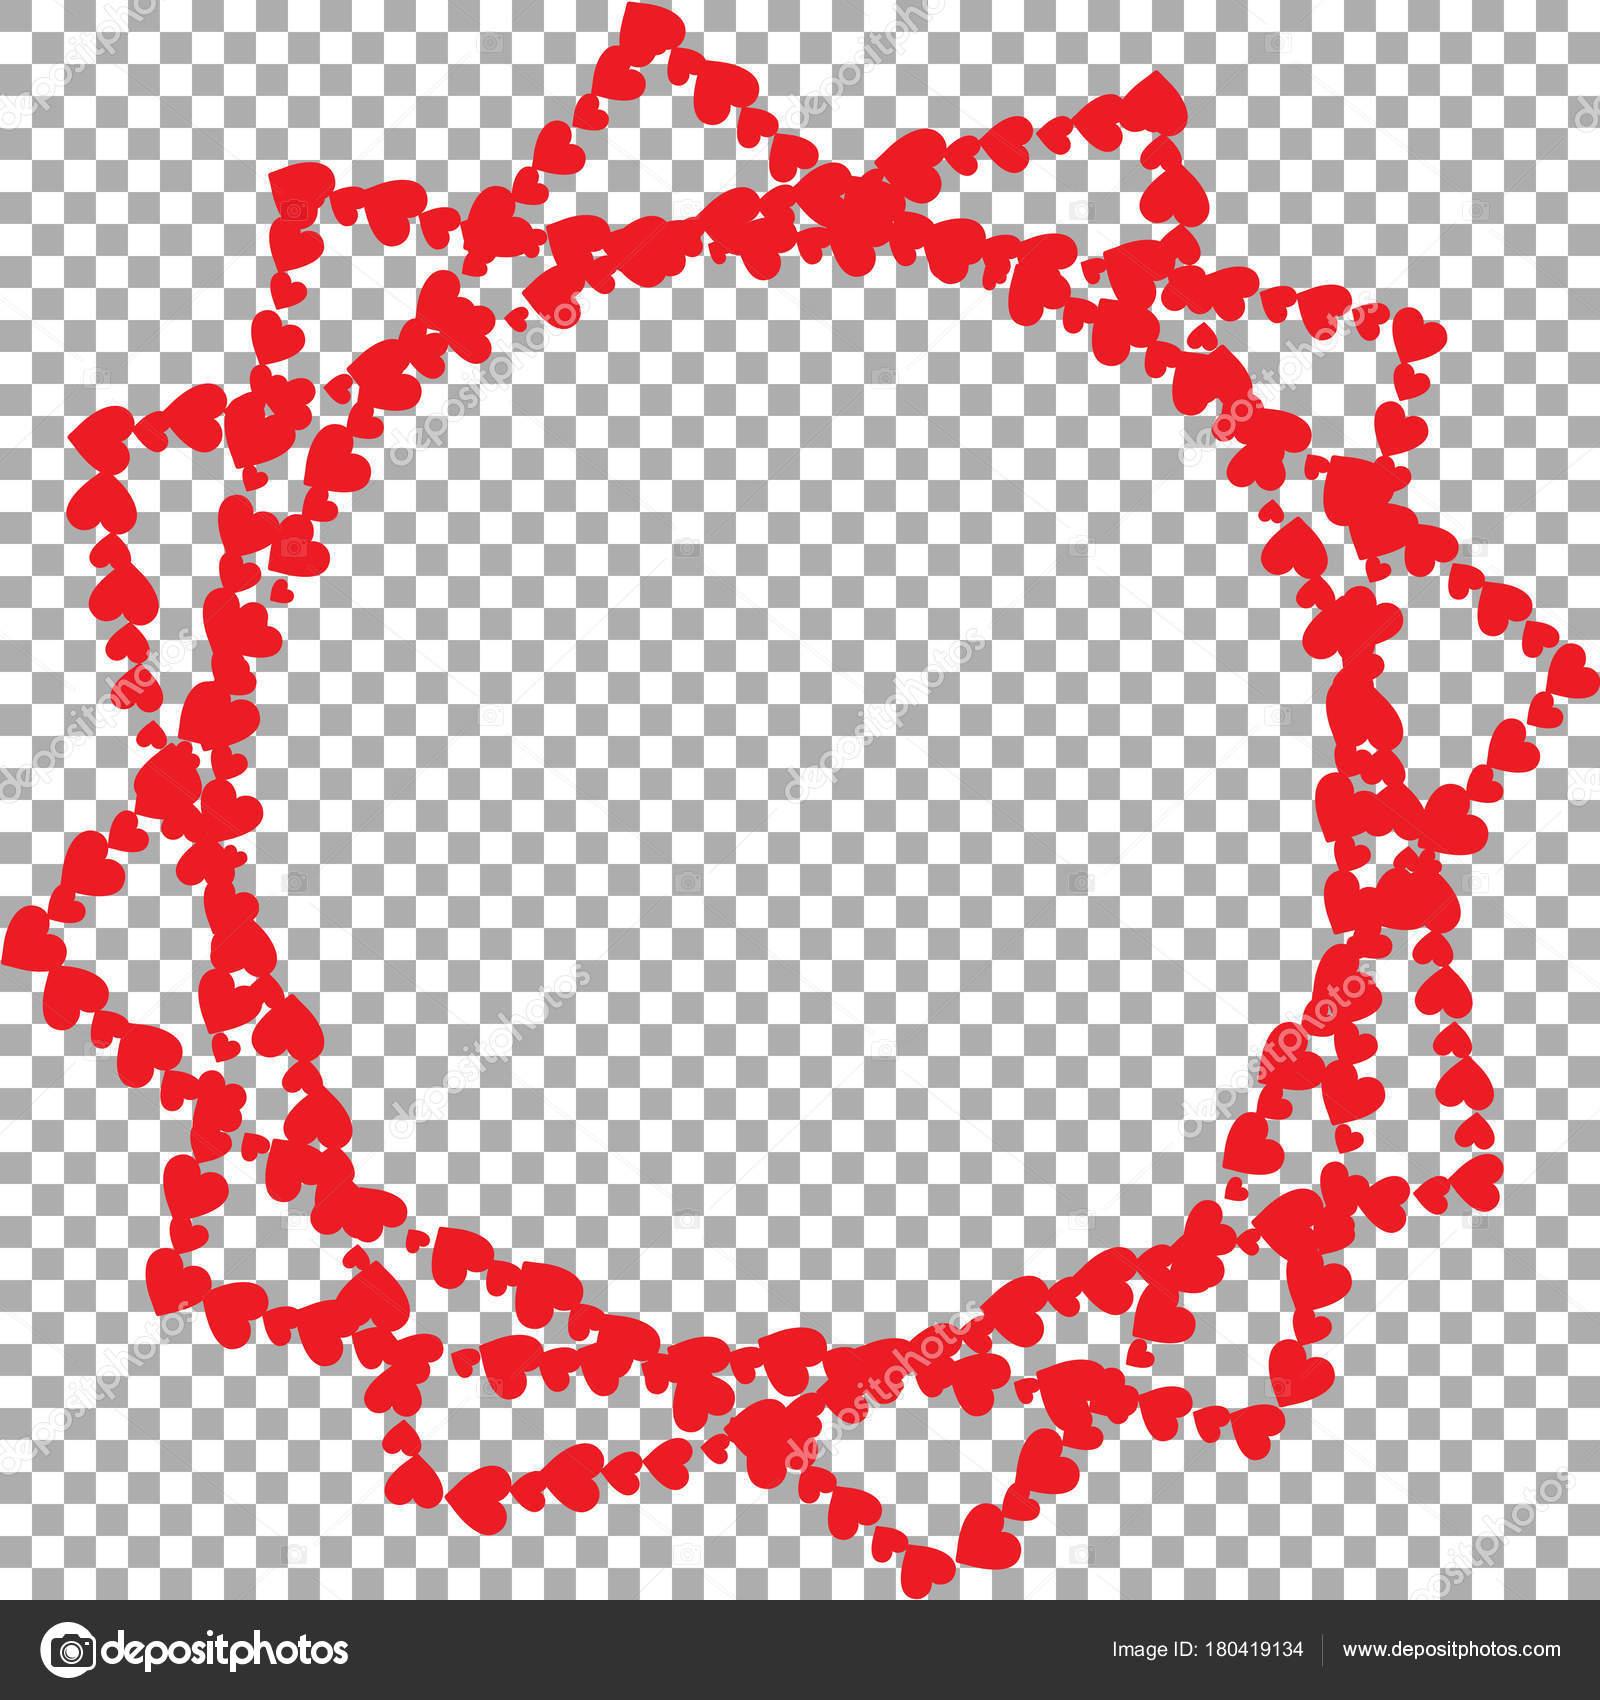 Marco en forma de estrella con doce rayos de corazones — Vector de ...